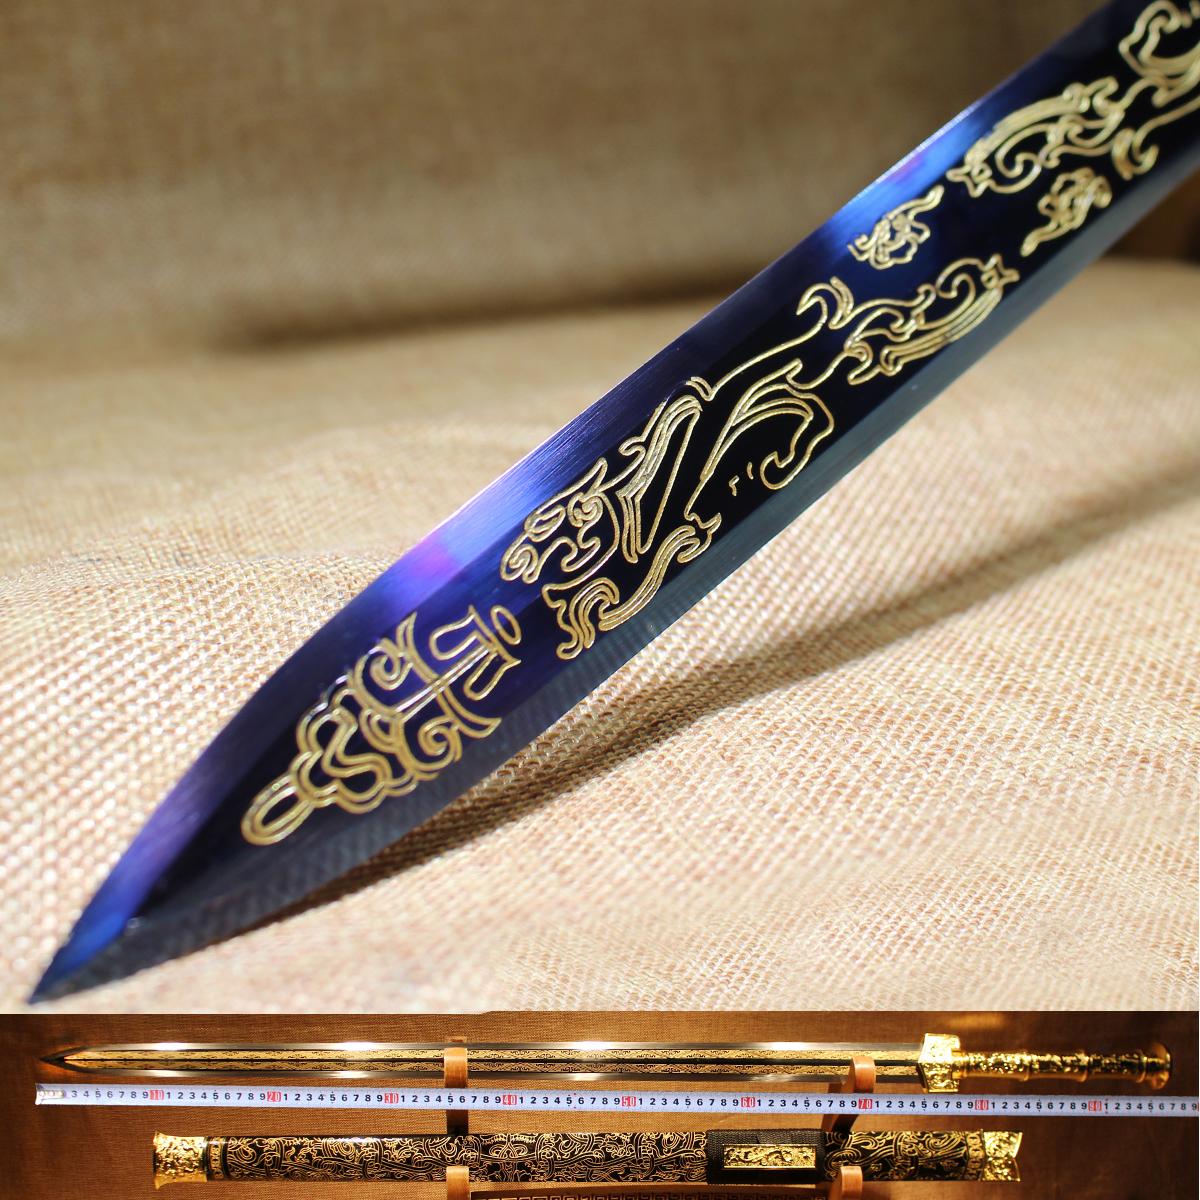 Подлинный обоюдоострый меч ручной работы меч китайский меч долго меч жесткий меч династия цинь меч городской дом нож меч холодный солдаты устройство специальное предложение закрыты край